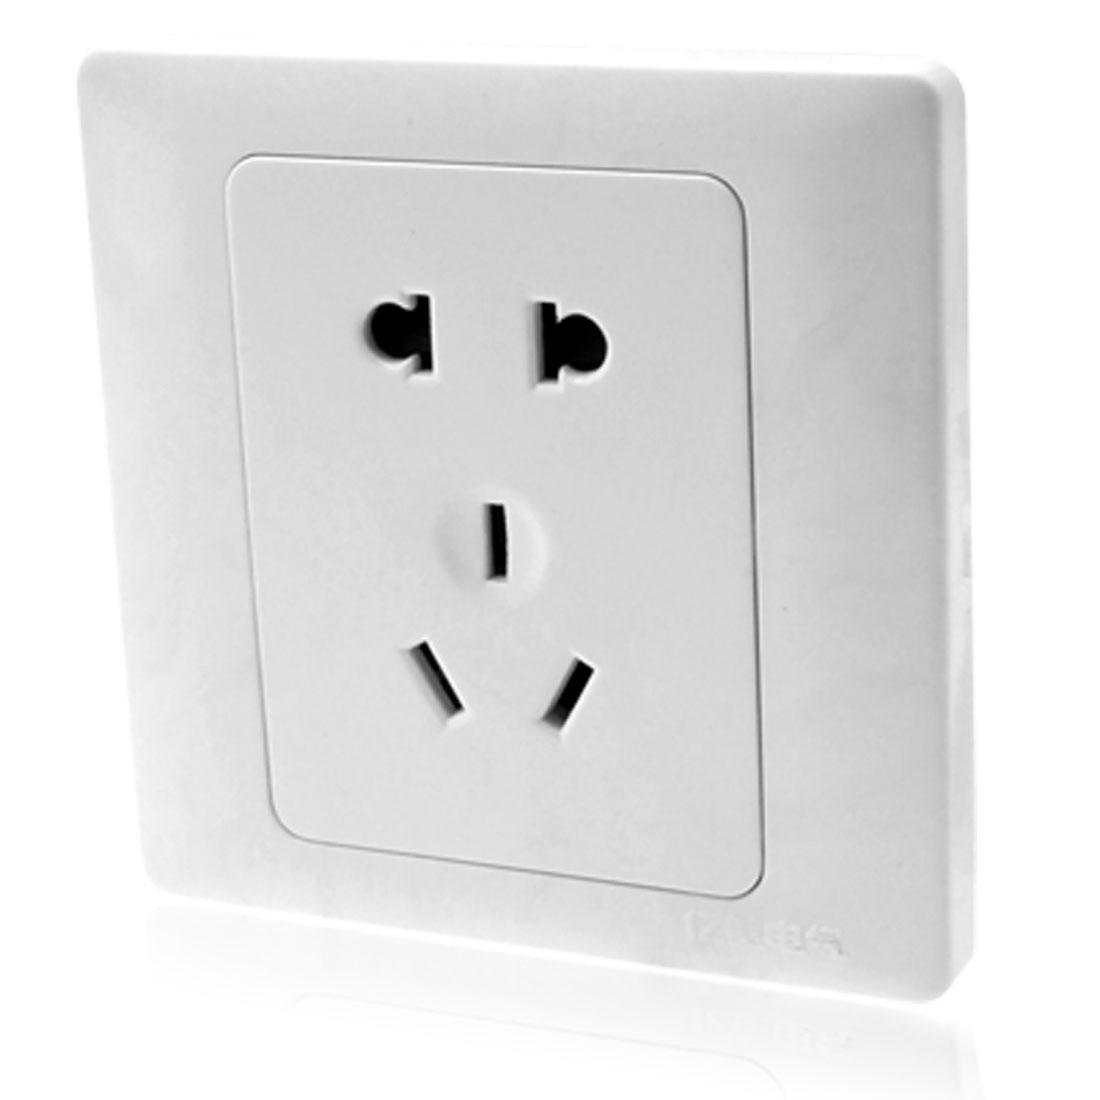 AU EU US Plug AC250V 10A Adapter Electric Socket Outlet Wall Plate